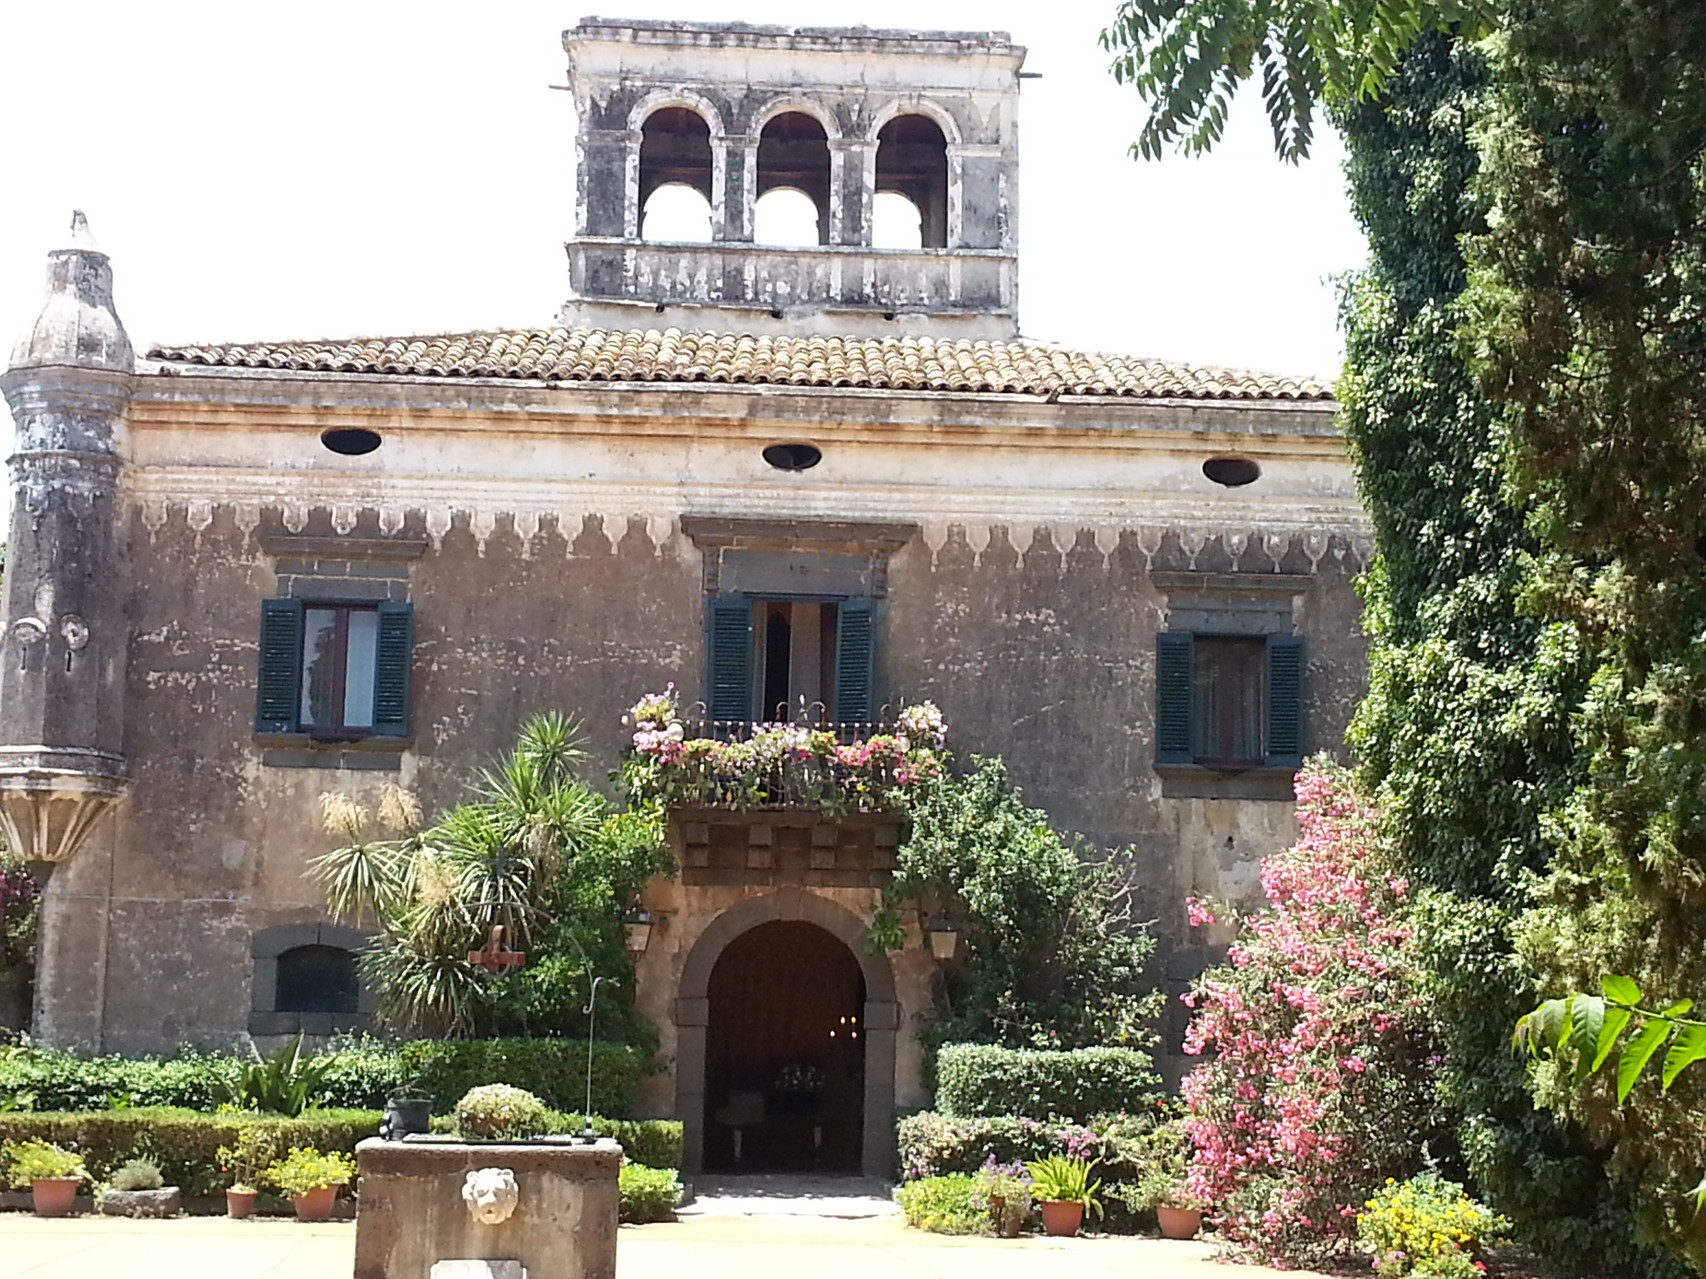 Castello degli Schiavi